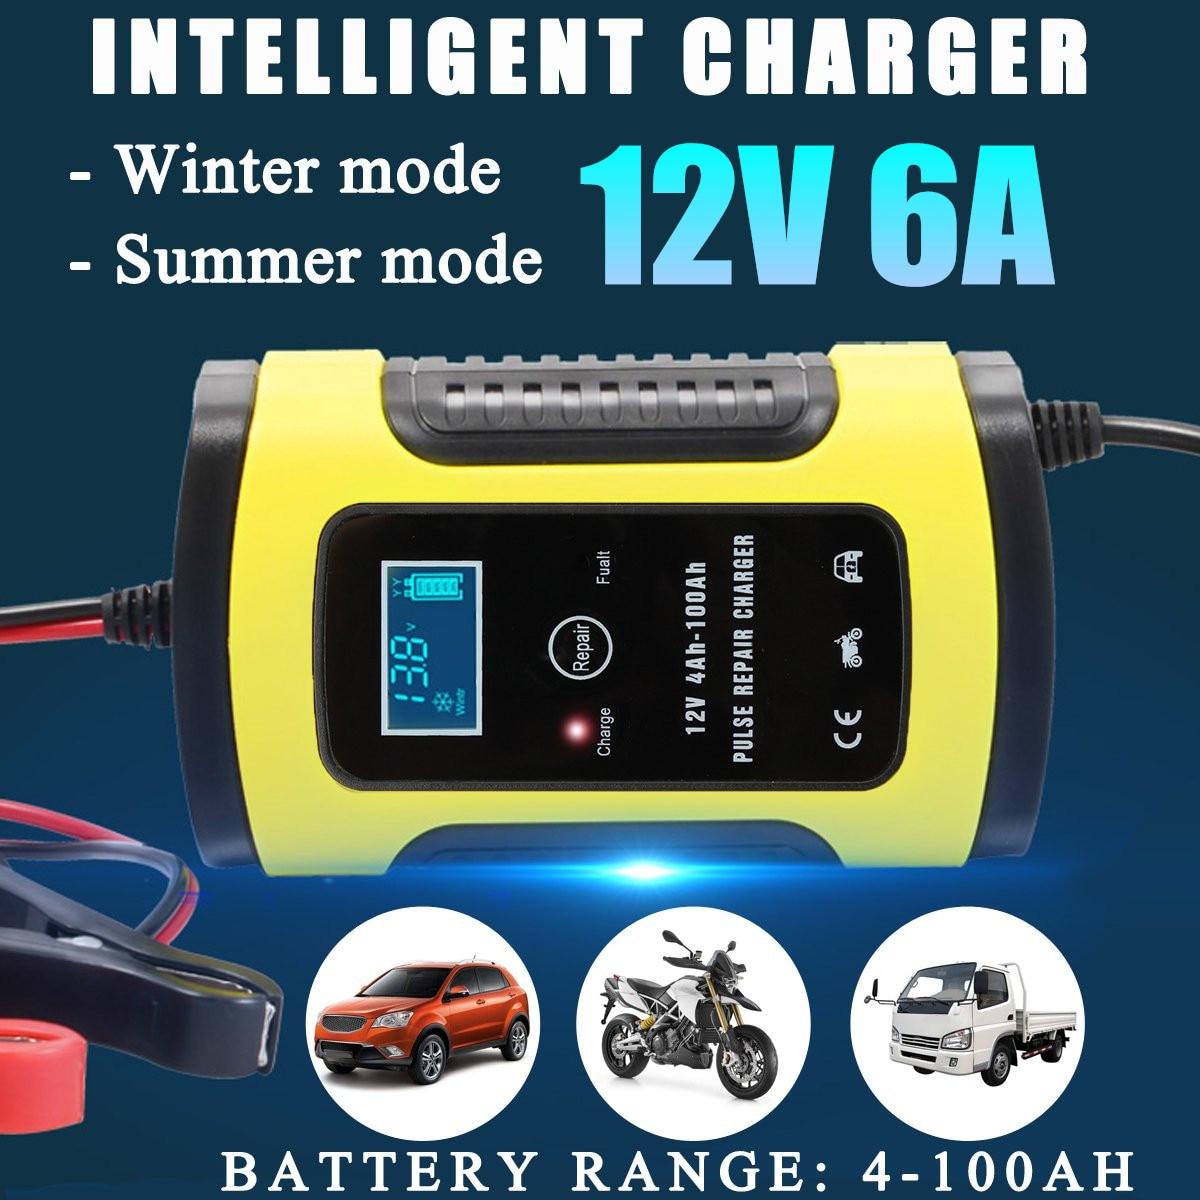 12V 6A réparation LCD chargeur de batterie intelligent rapide pour voiture moto réparation Type batterie au plomb Agm Gel Batteries humides charge